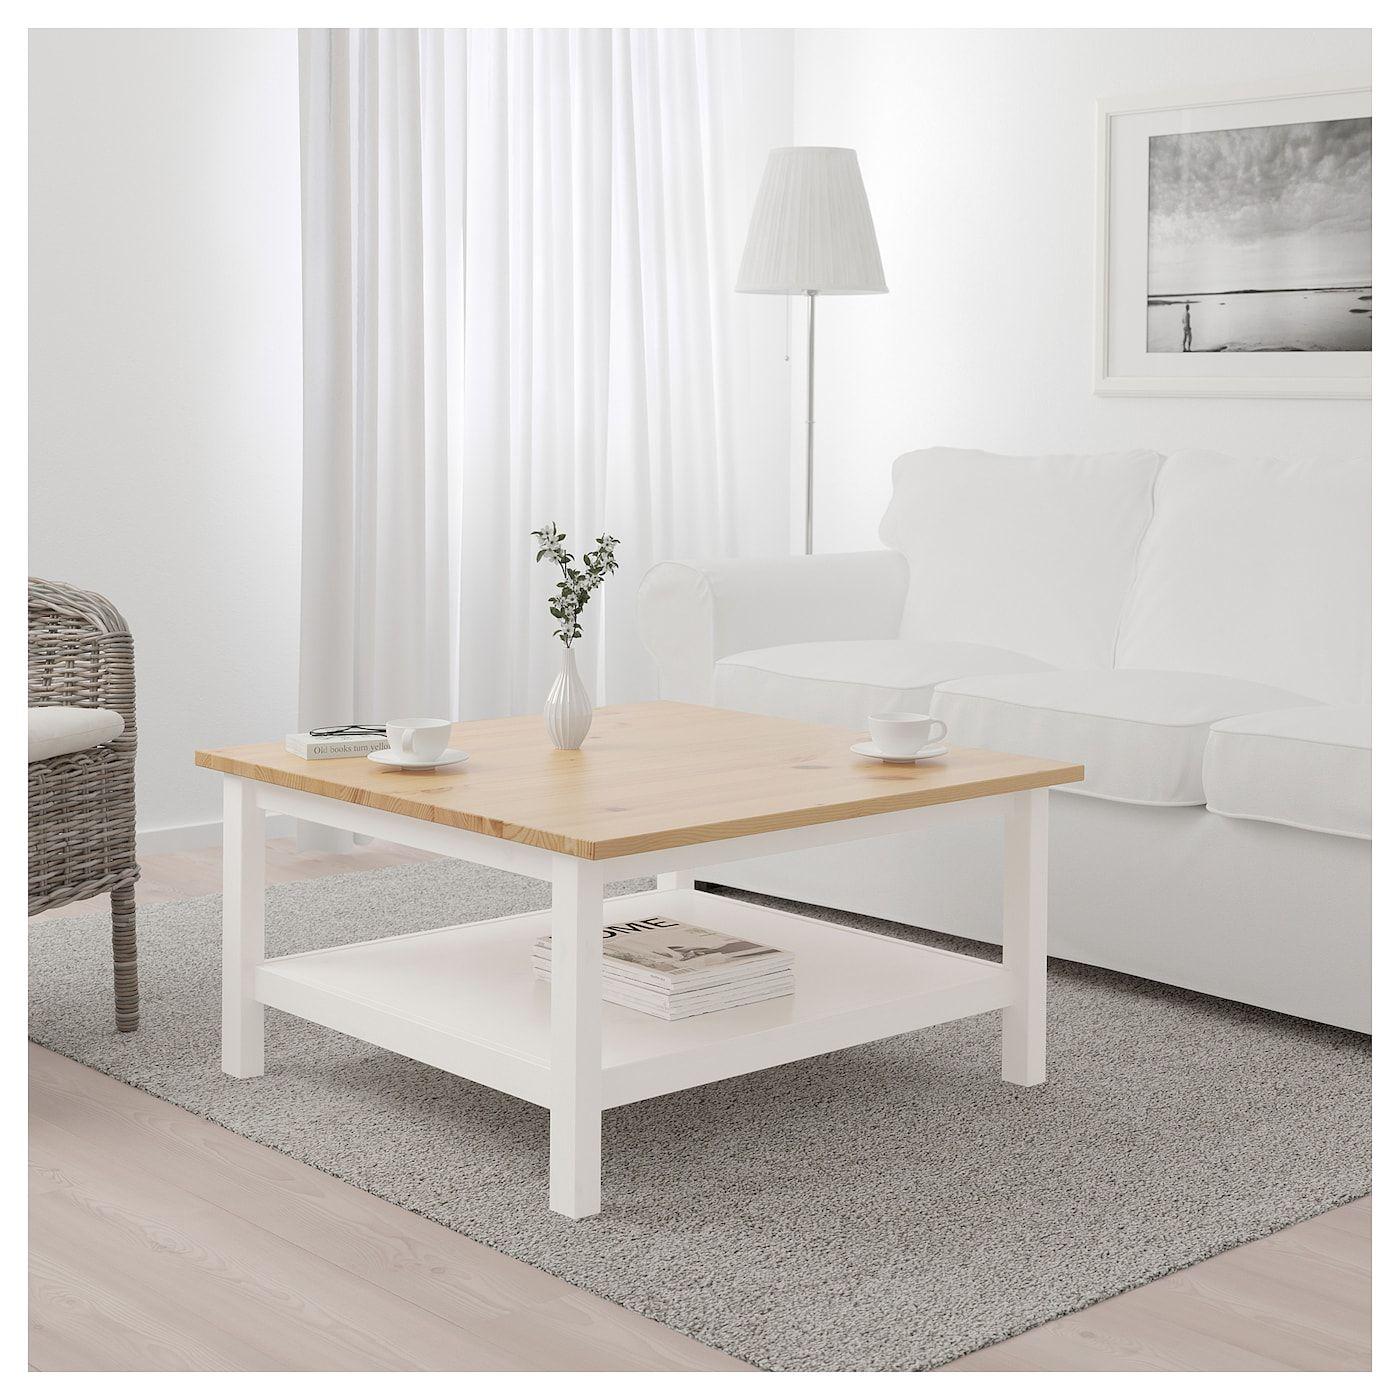 Hemnes Couchtisch Weiss Gebeizt Hellbraun Ikea Deutschland Coffee Table Coffee Table White Ikea Hemnes Coffee Table [ 1400 x 1400 Pixel ]